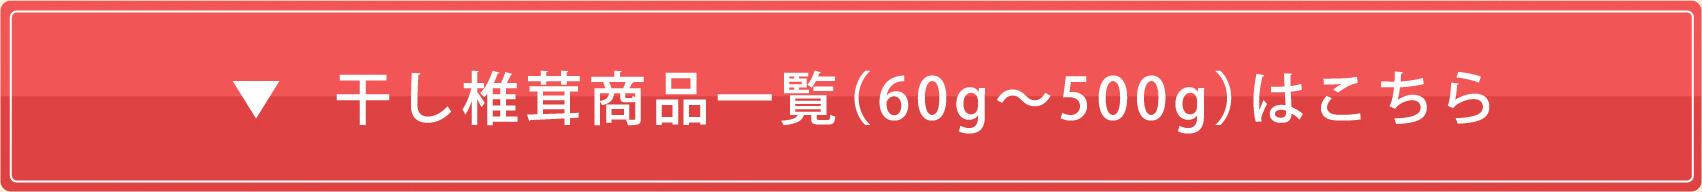 干し椎茸商品一覧(60g~500g)はこちら